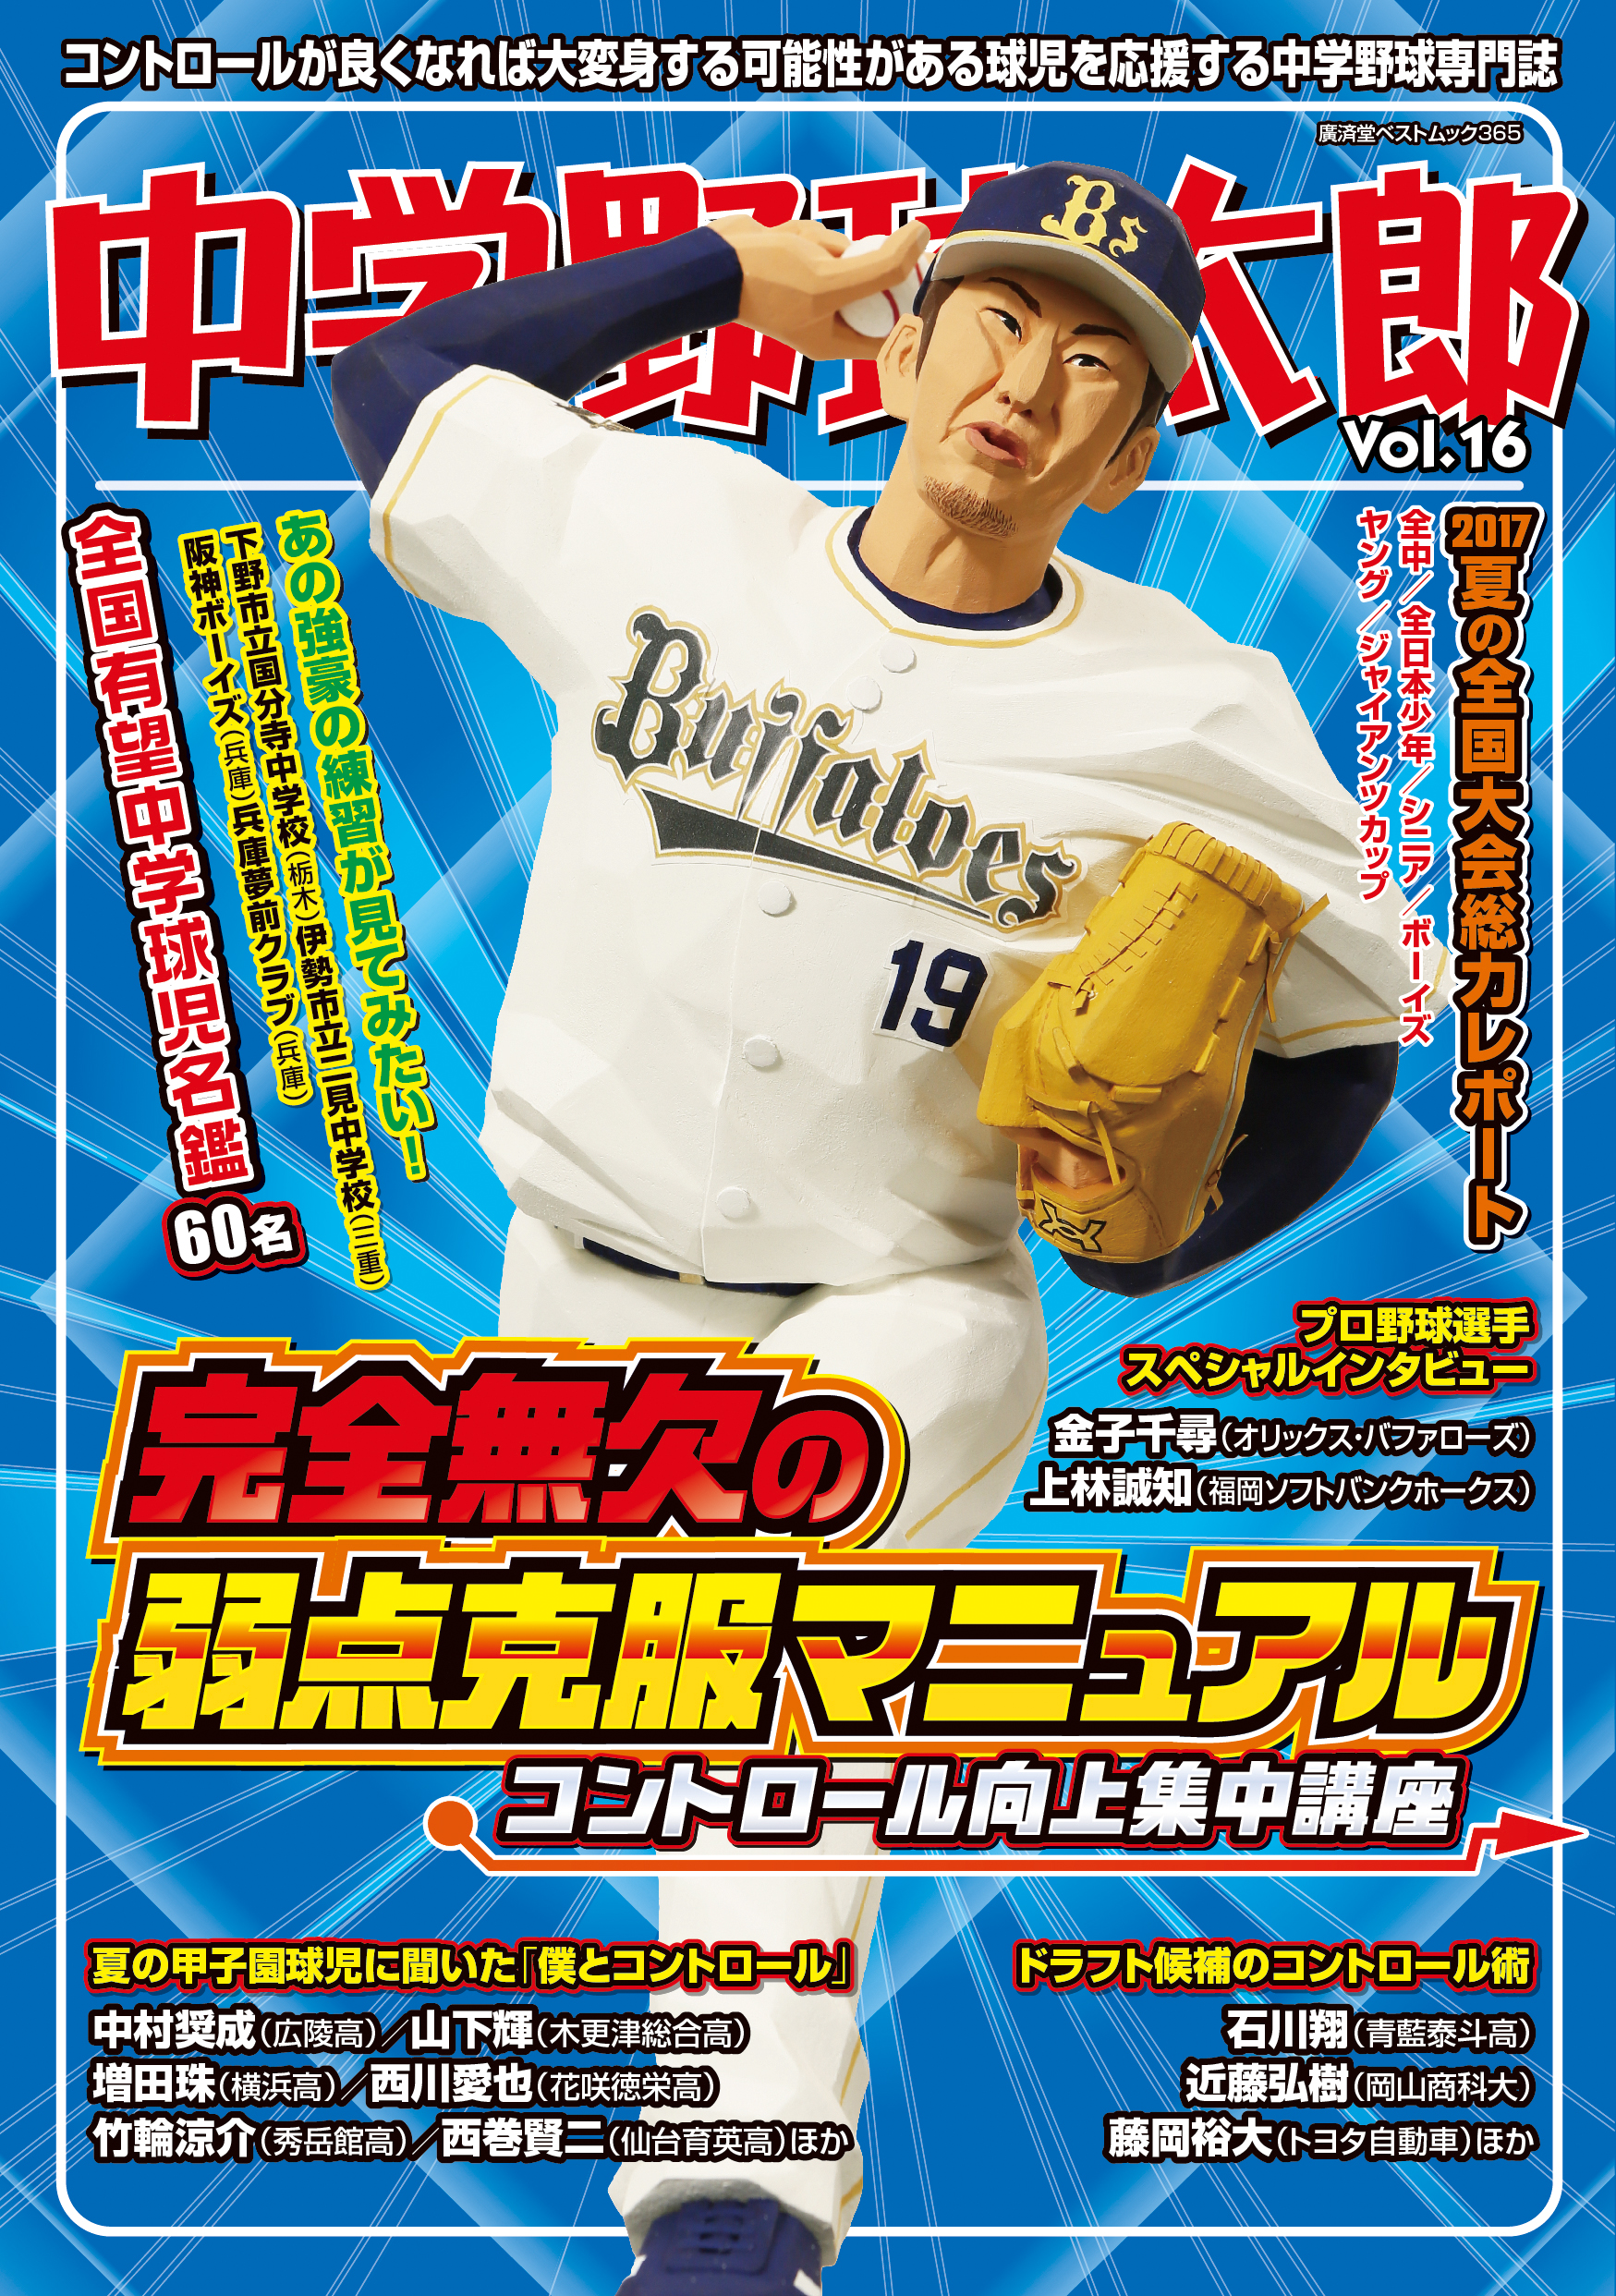 『中学野球太郎 VOL.16 完全無欠の弱点克服マニュアル』は9月11日発売です!